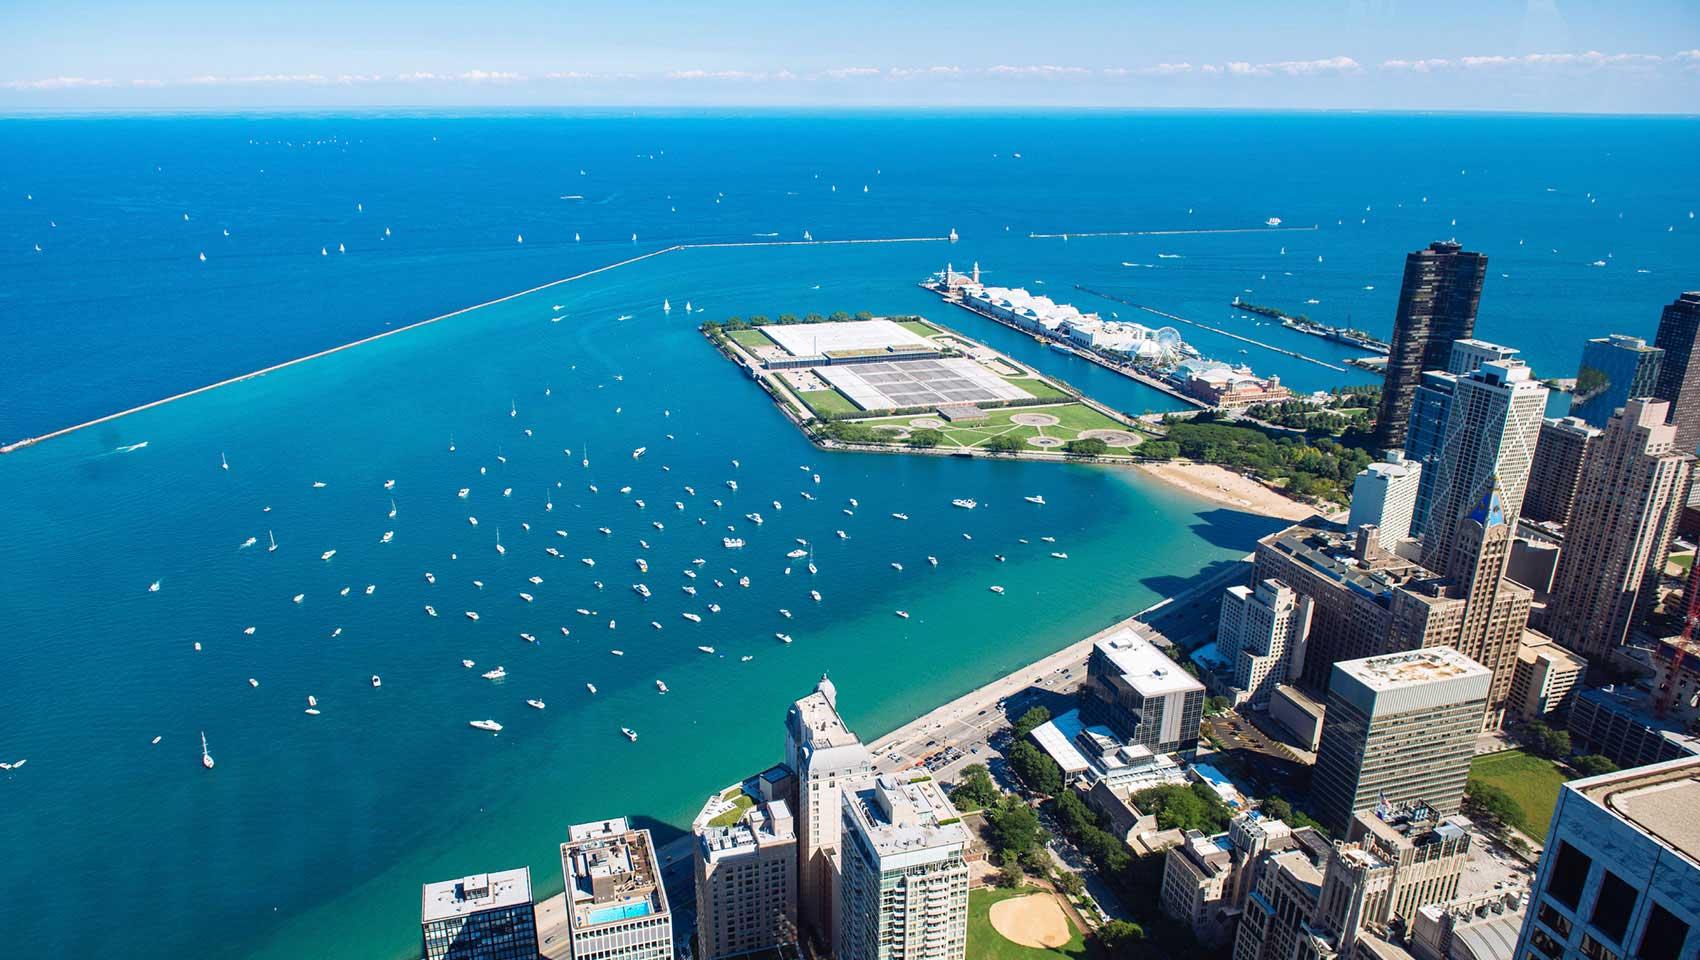 chicago-navy-pier-2a82e239.jpg